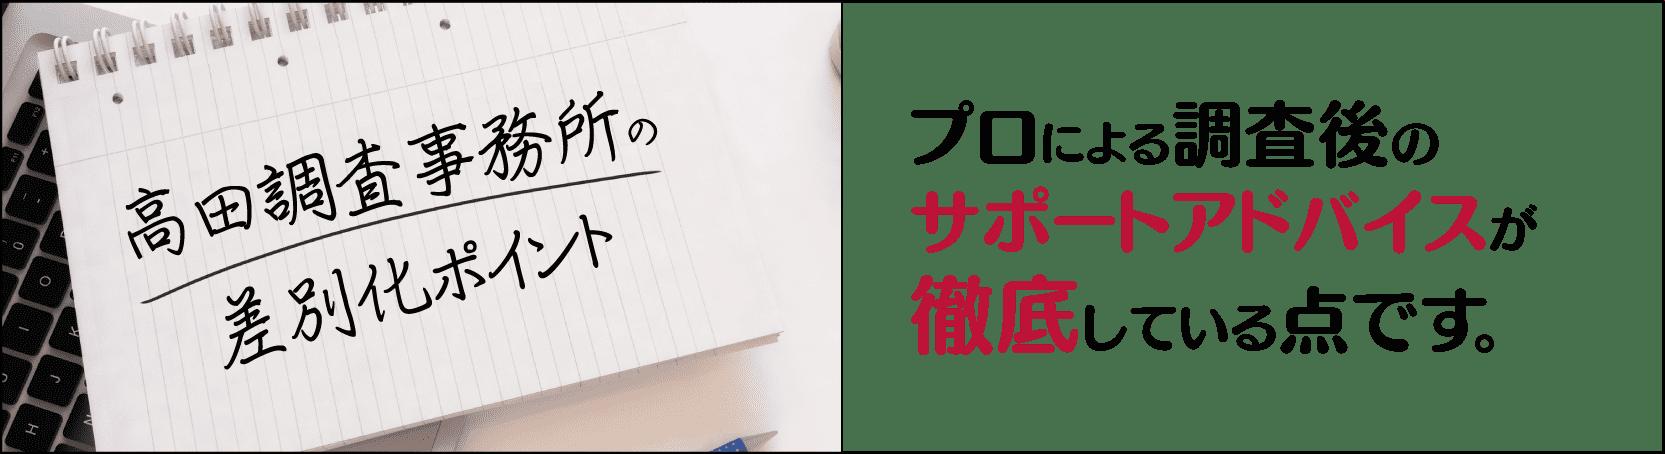 名古屋駅からすぐの高田探偵